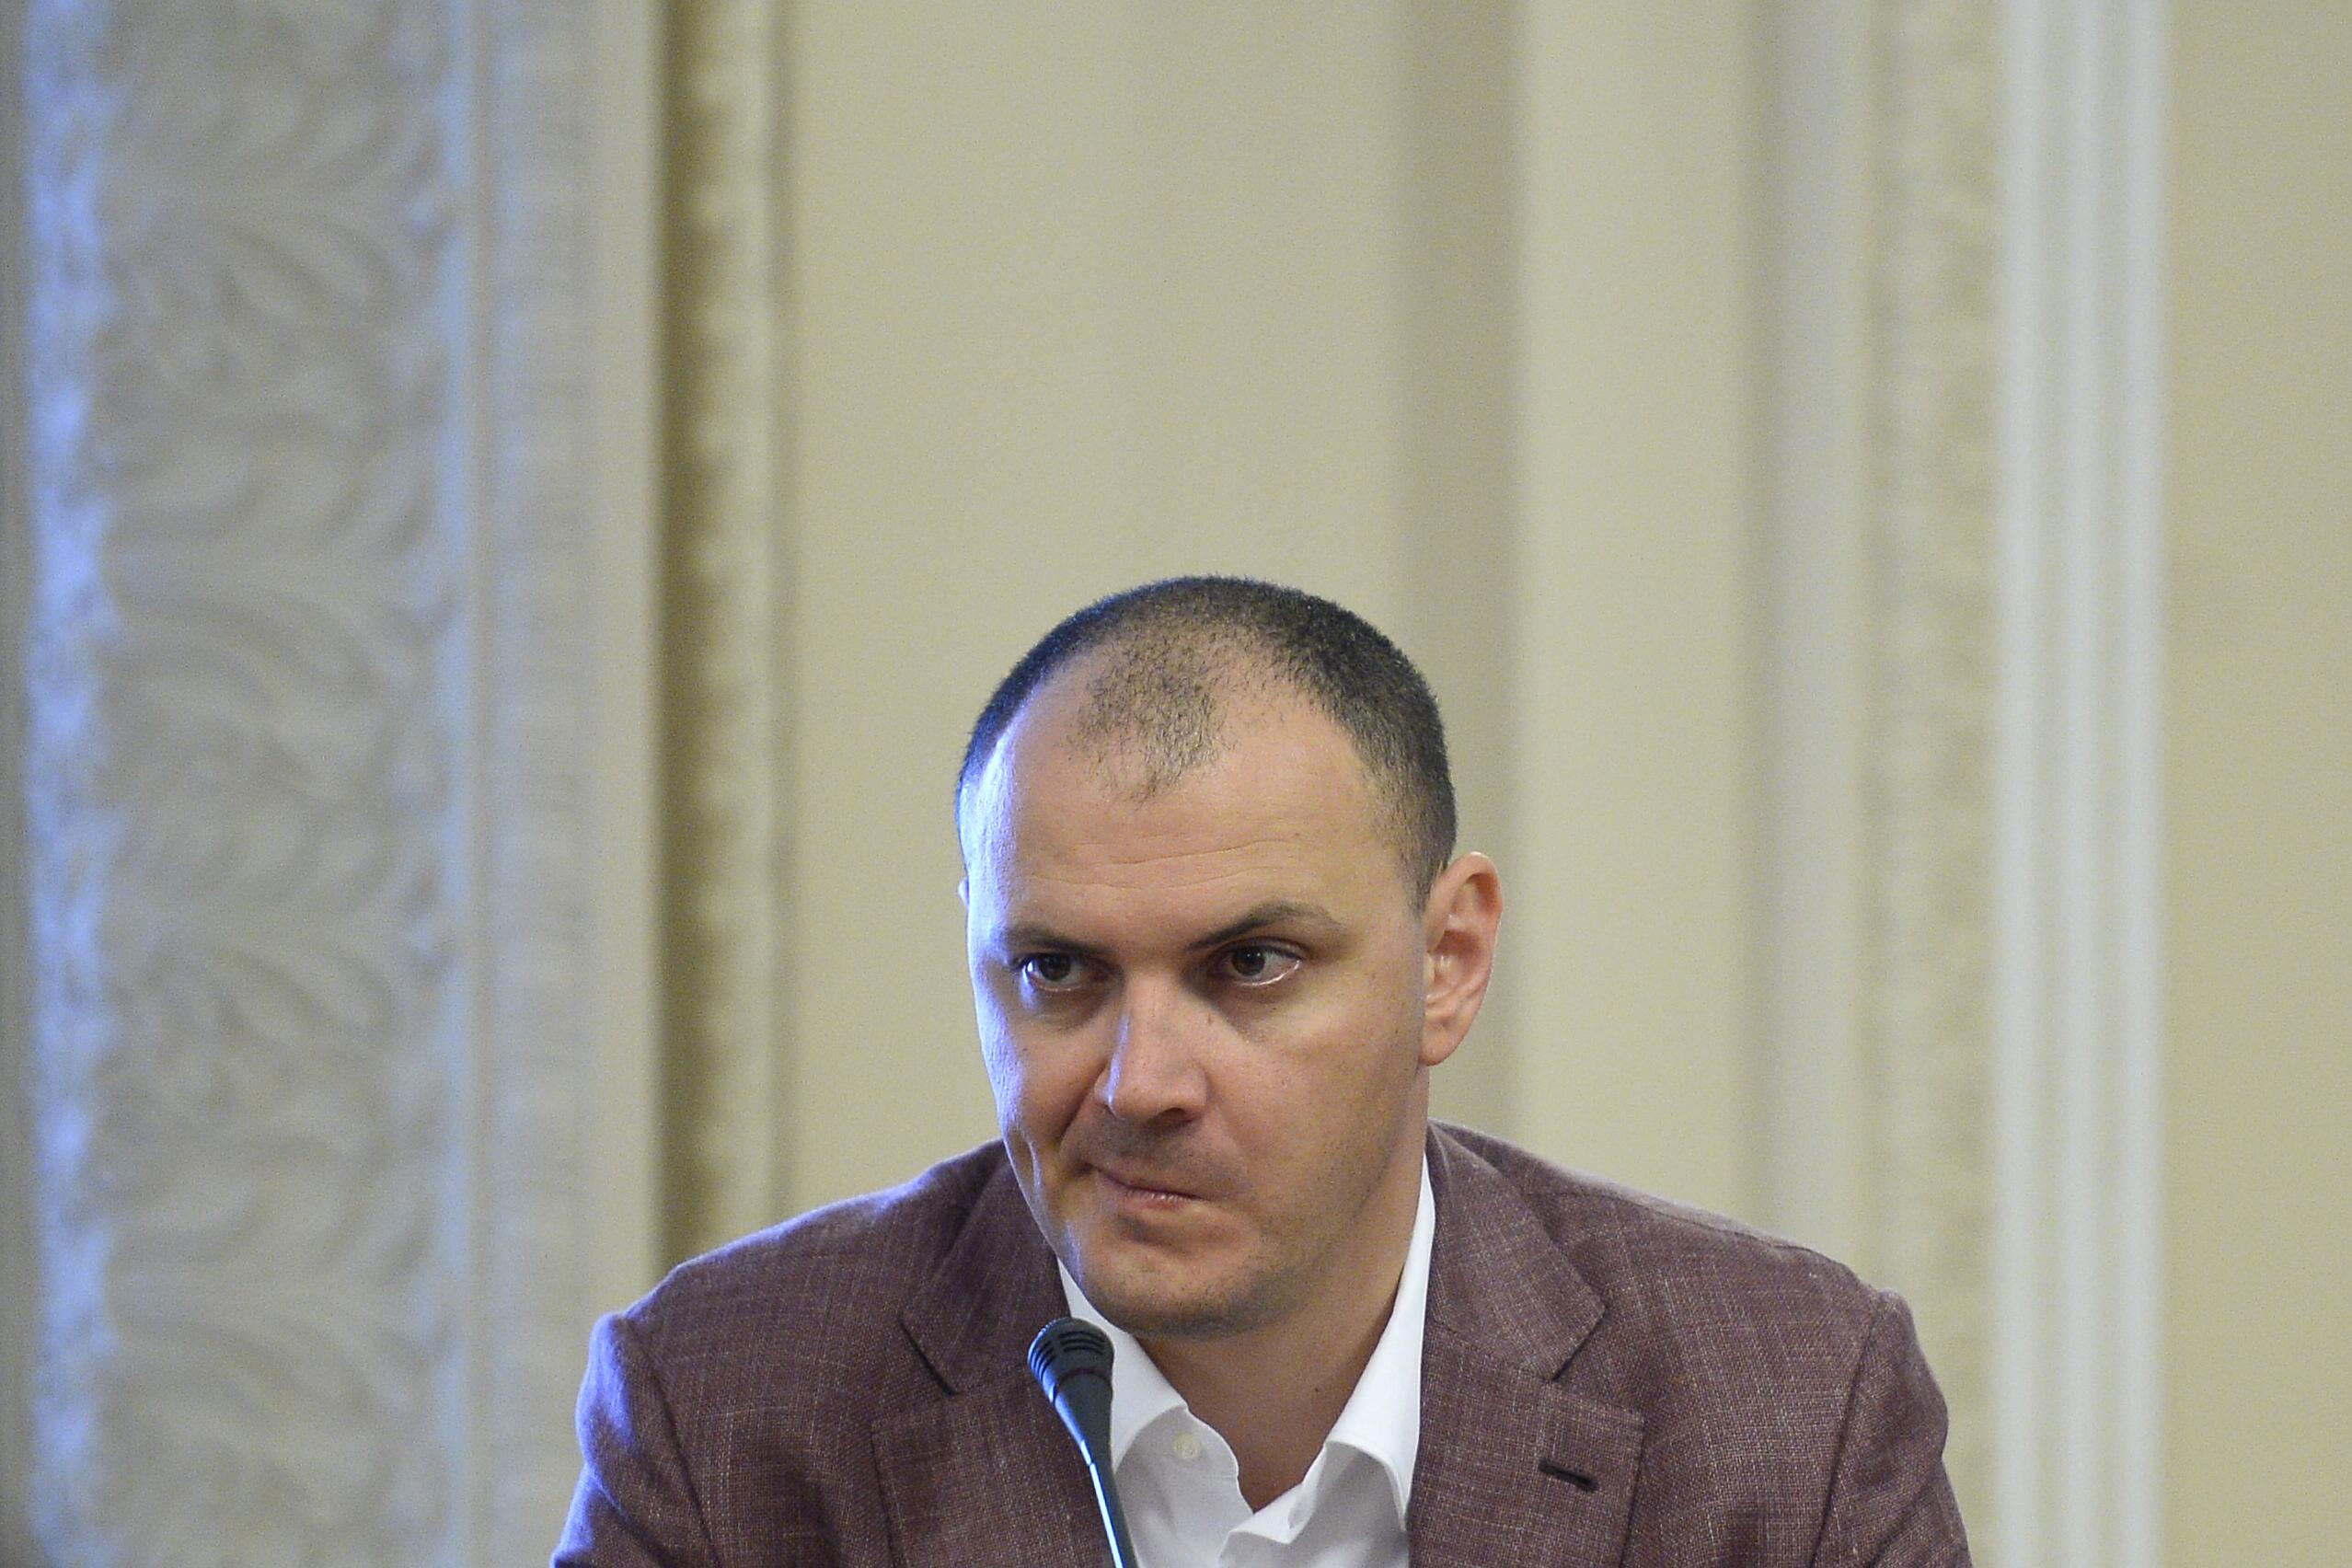 Fostul deputat PSD, Sebastian Ghiță, participă la audierile reprezentanților SRI, la Palatul Parlamentului, în București, marți, 24 iunie 2014. Foto: Octav Ganea / Mediafax